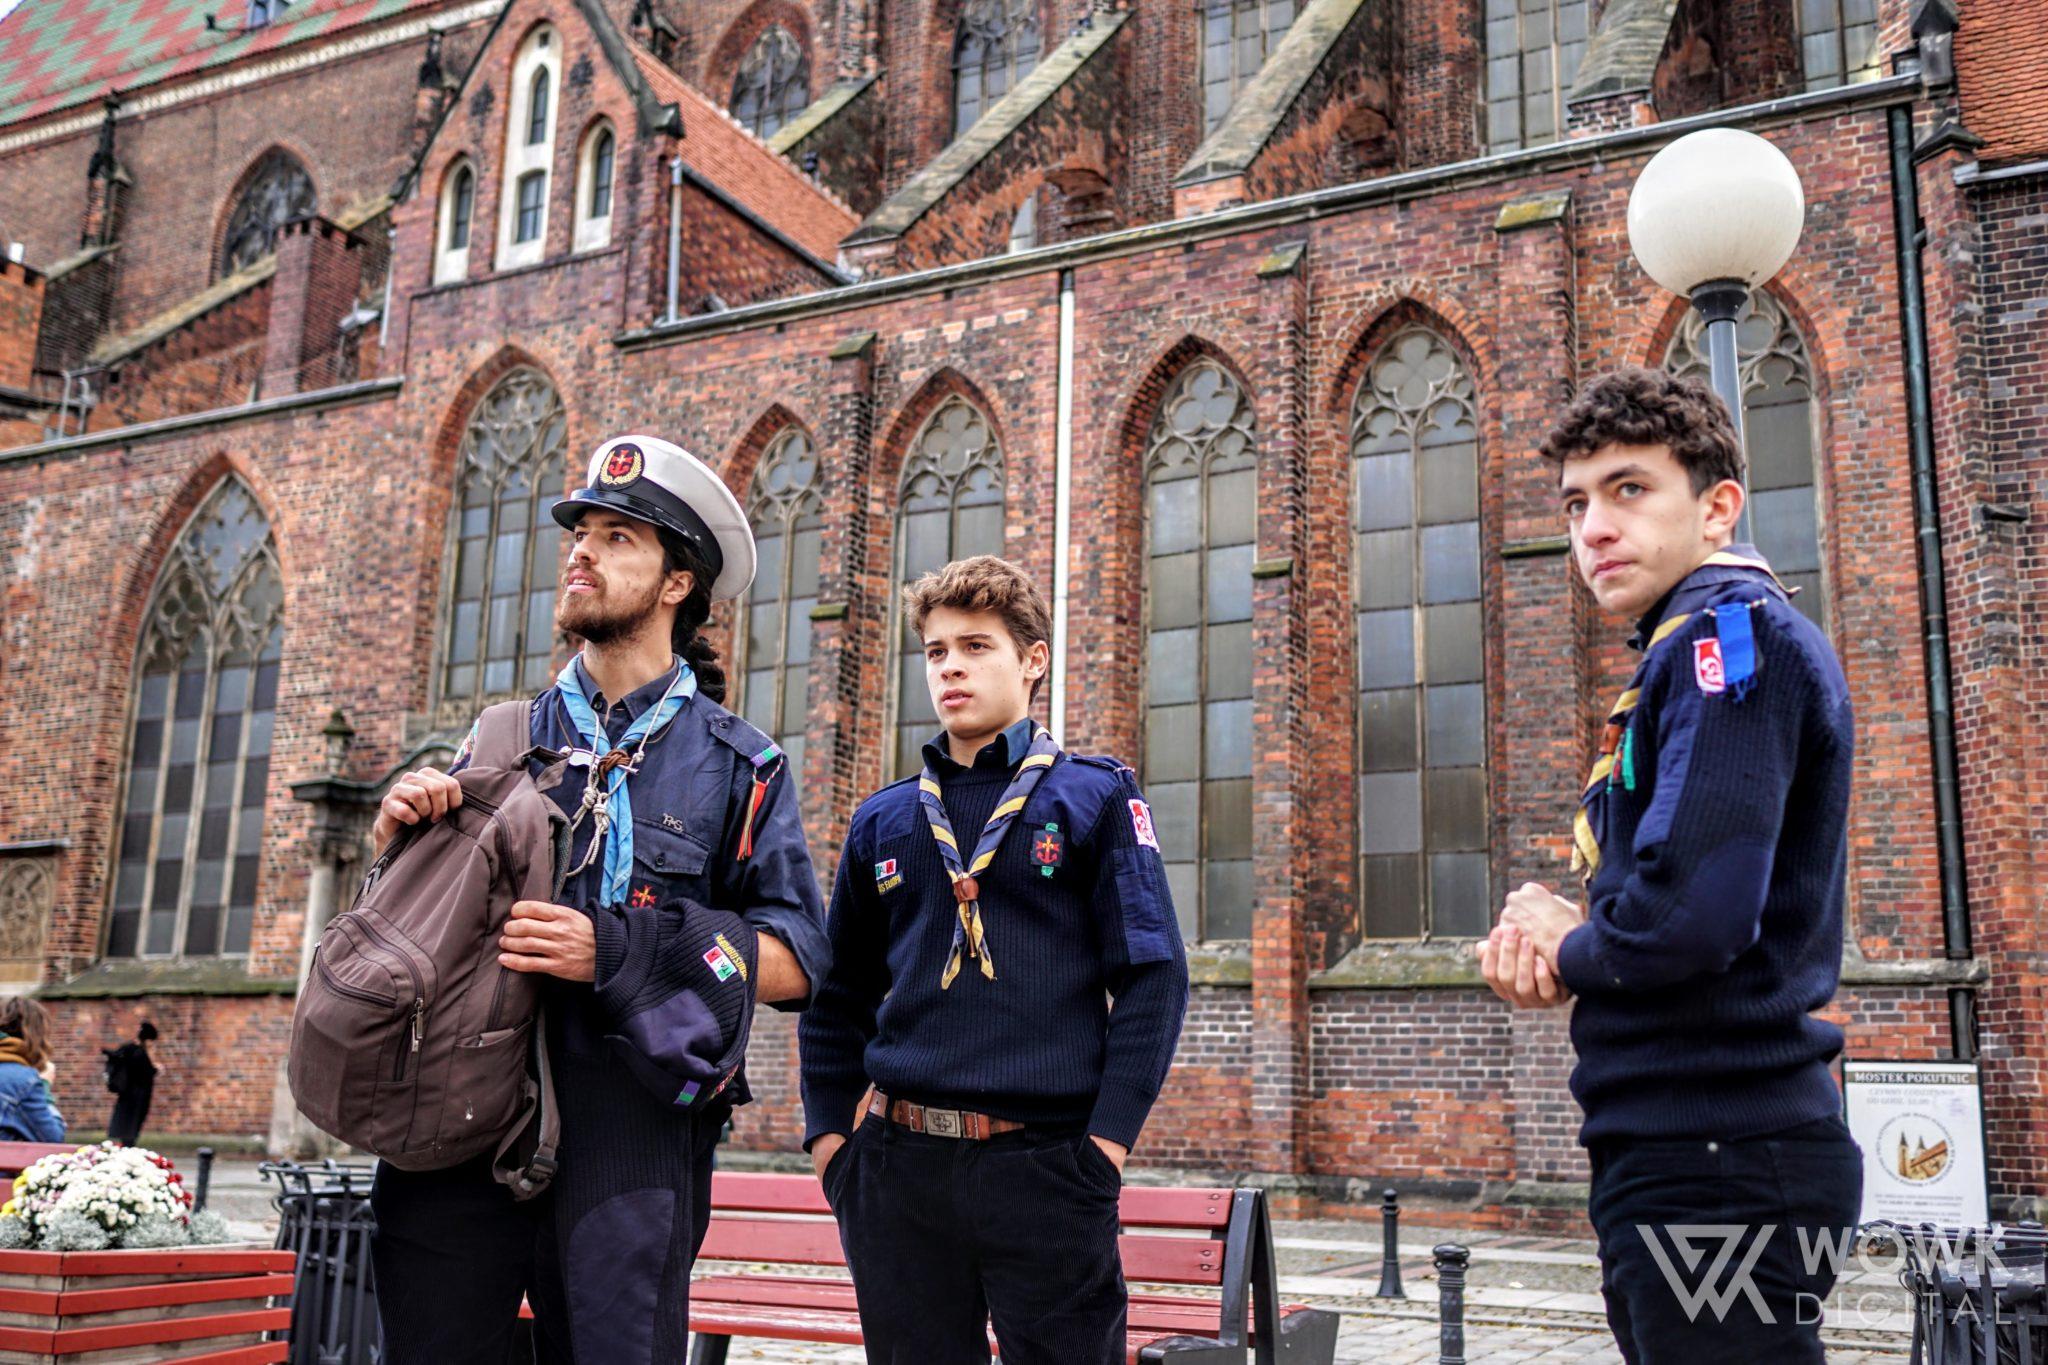 High Patrol Weekend Wrocław 16.11.2019 59